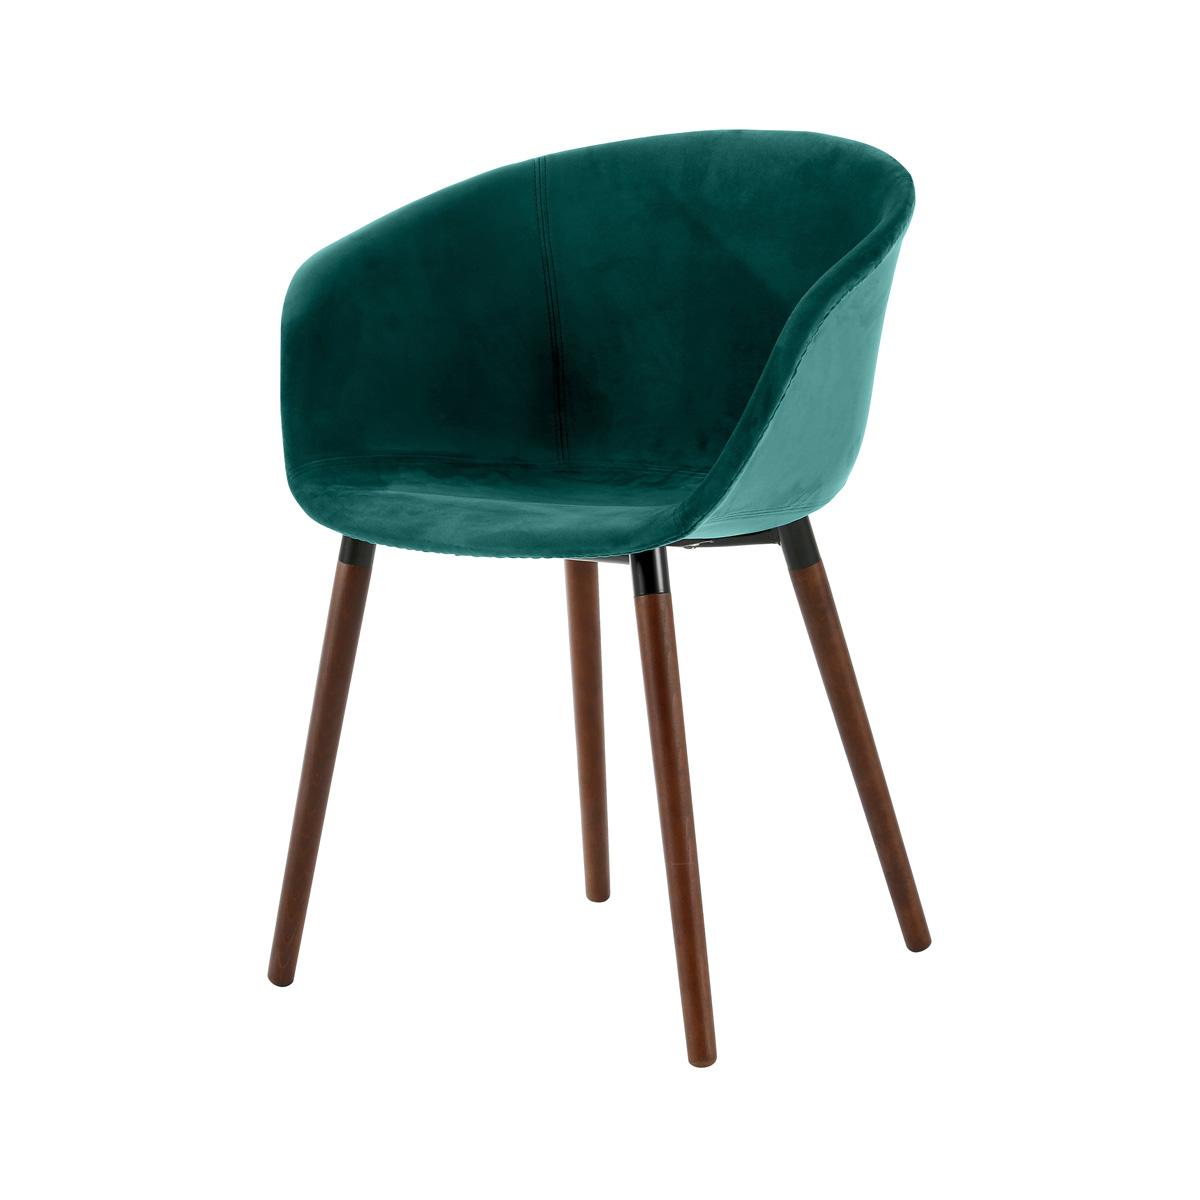 Chaise en velours vert canard